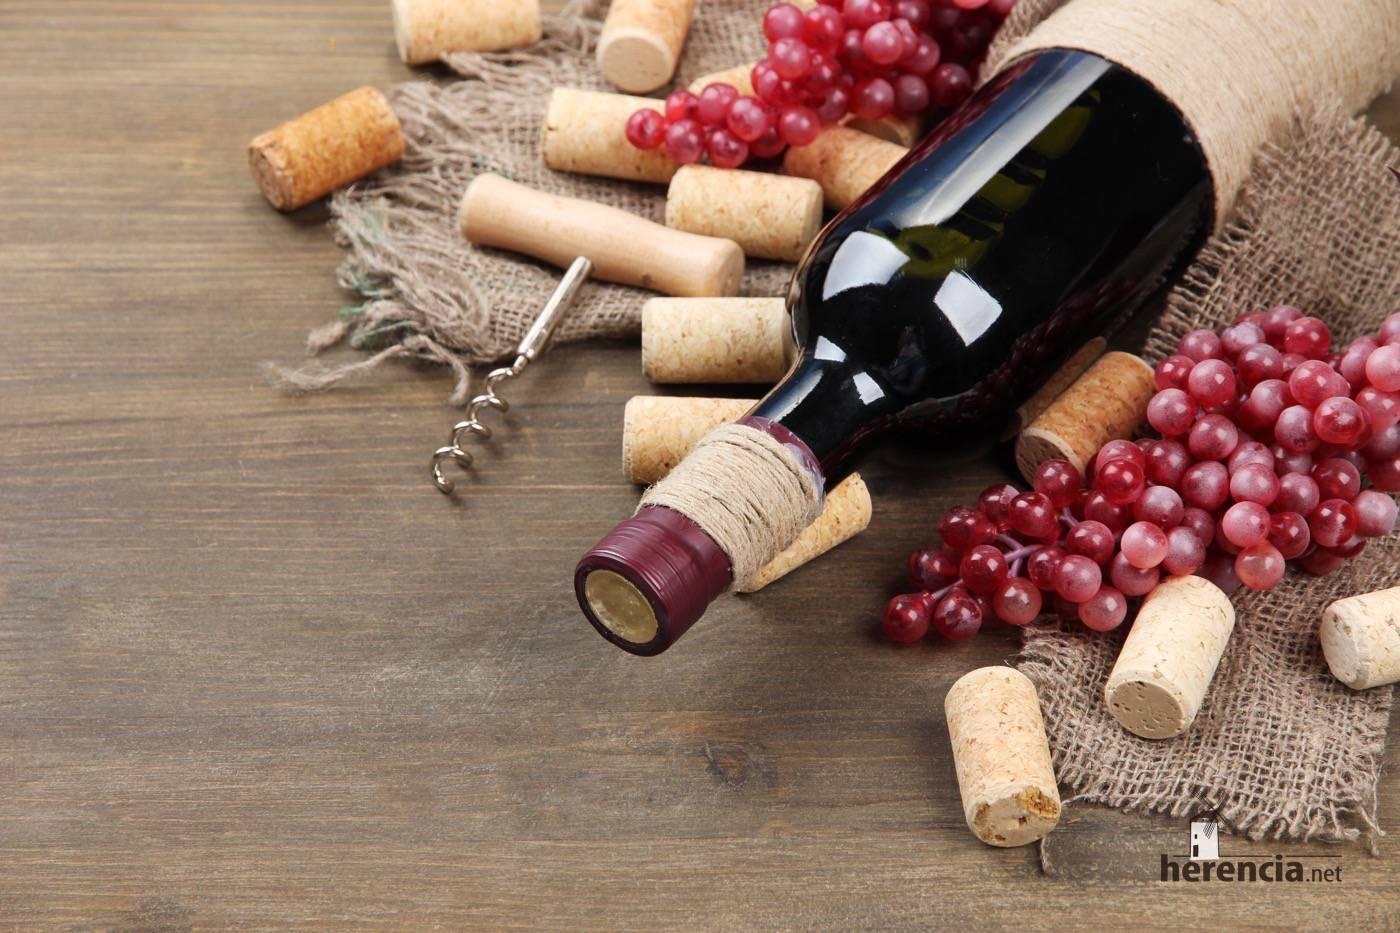 denominacion origen vino de la mancha - 1